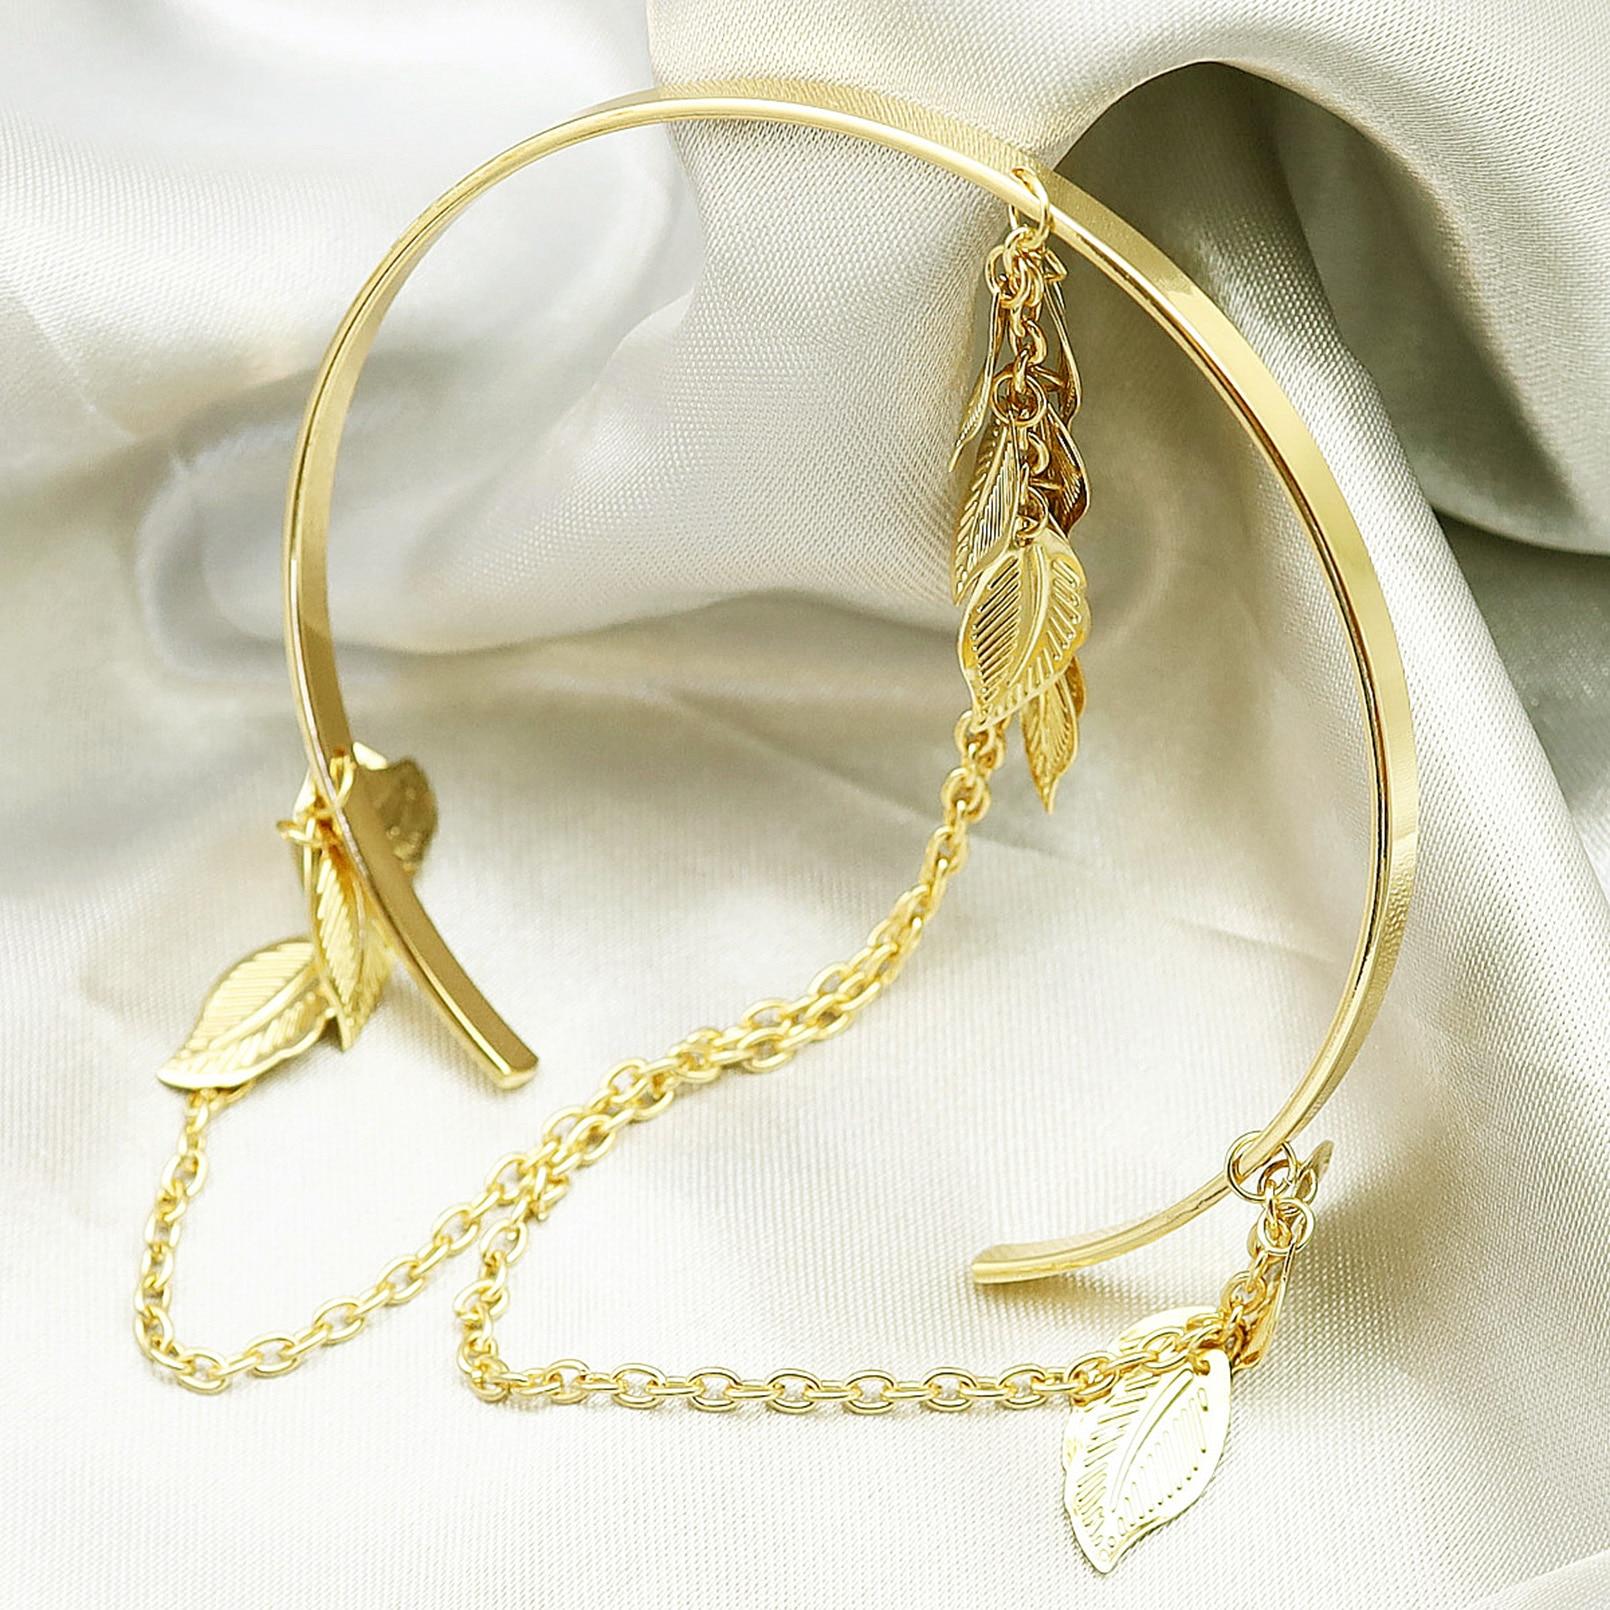 H3b1721b29d714f00b1e99665b6a6ab96p Prata banhado a ouro grego folha de louro pulseira braçadeira braço superior manguito armlet festival nupcial dança do ventre jóias